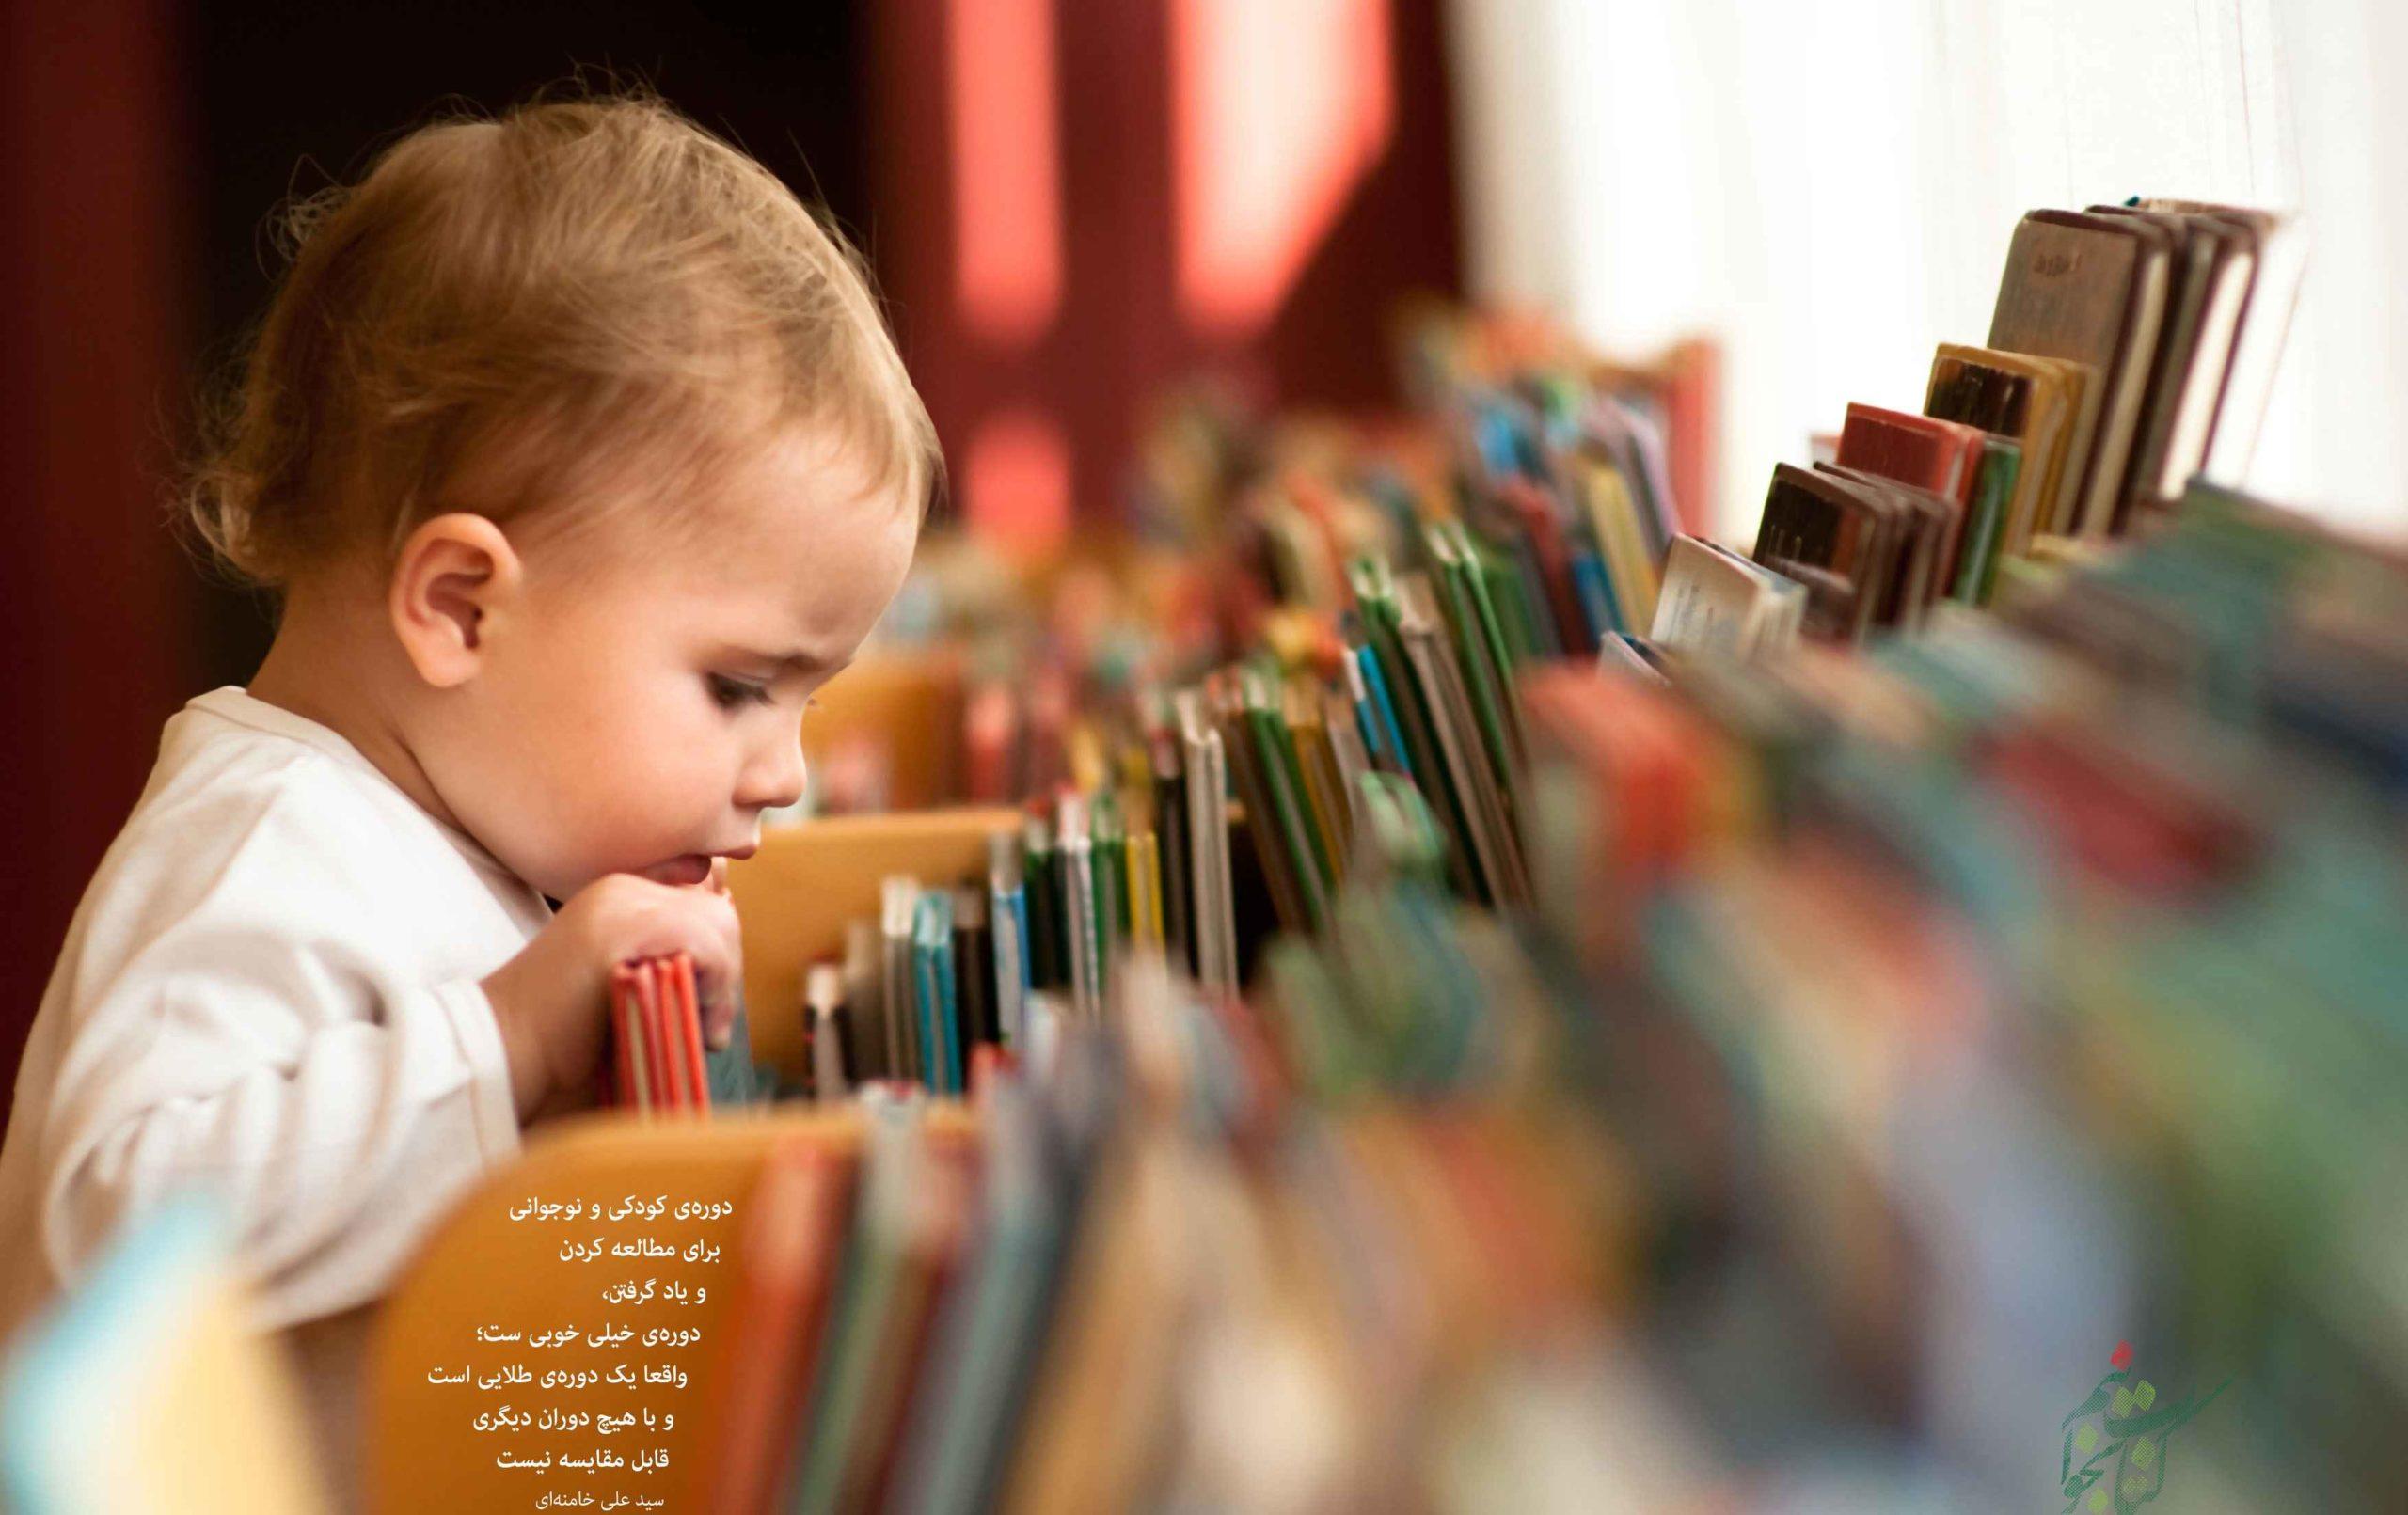 افزایش درک کودکان